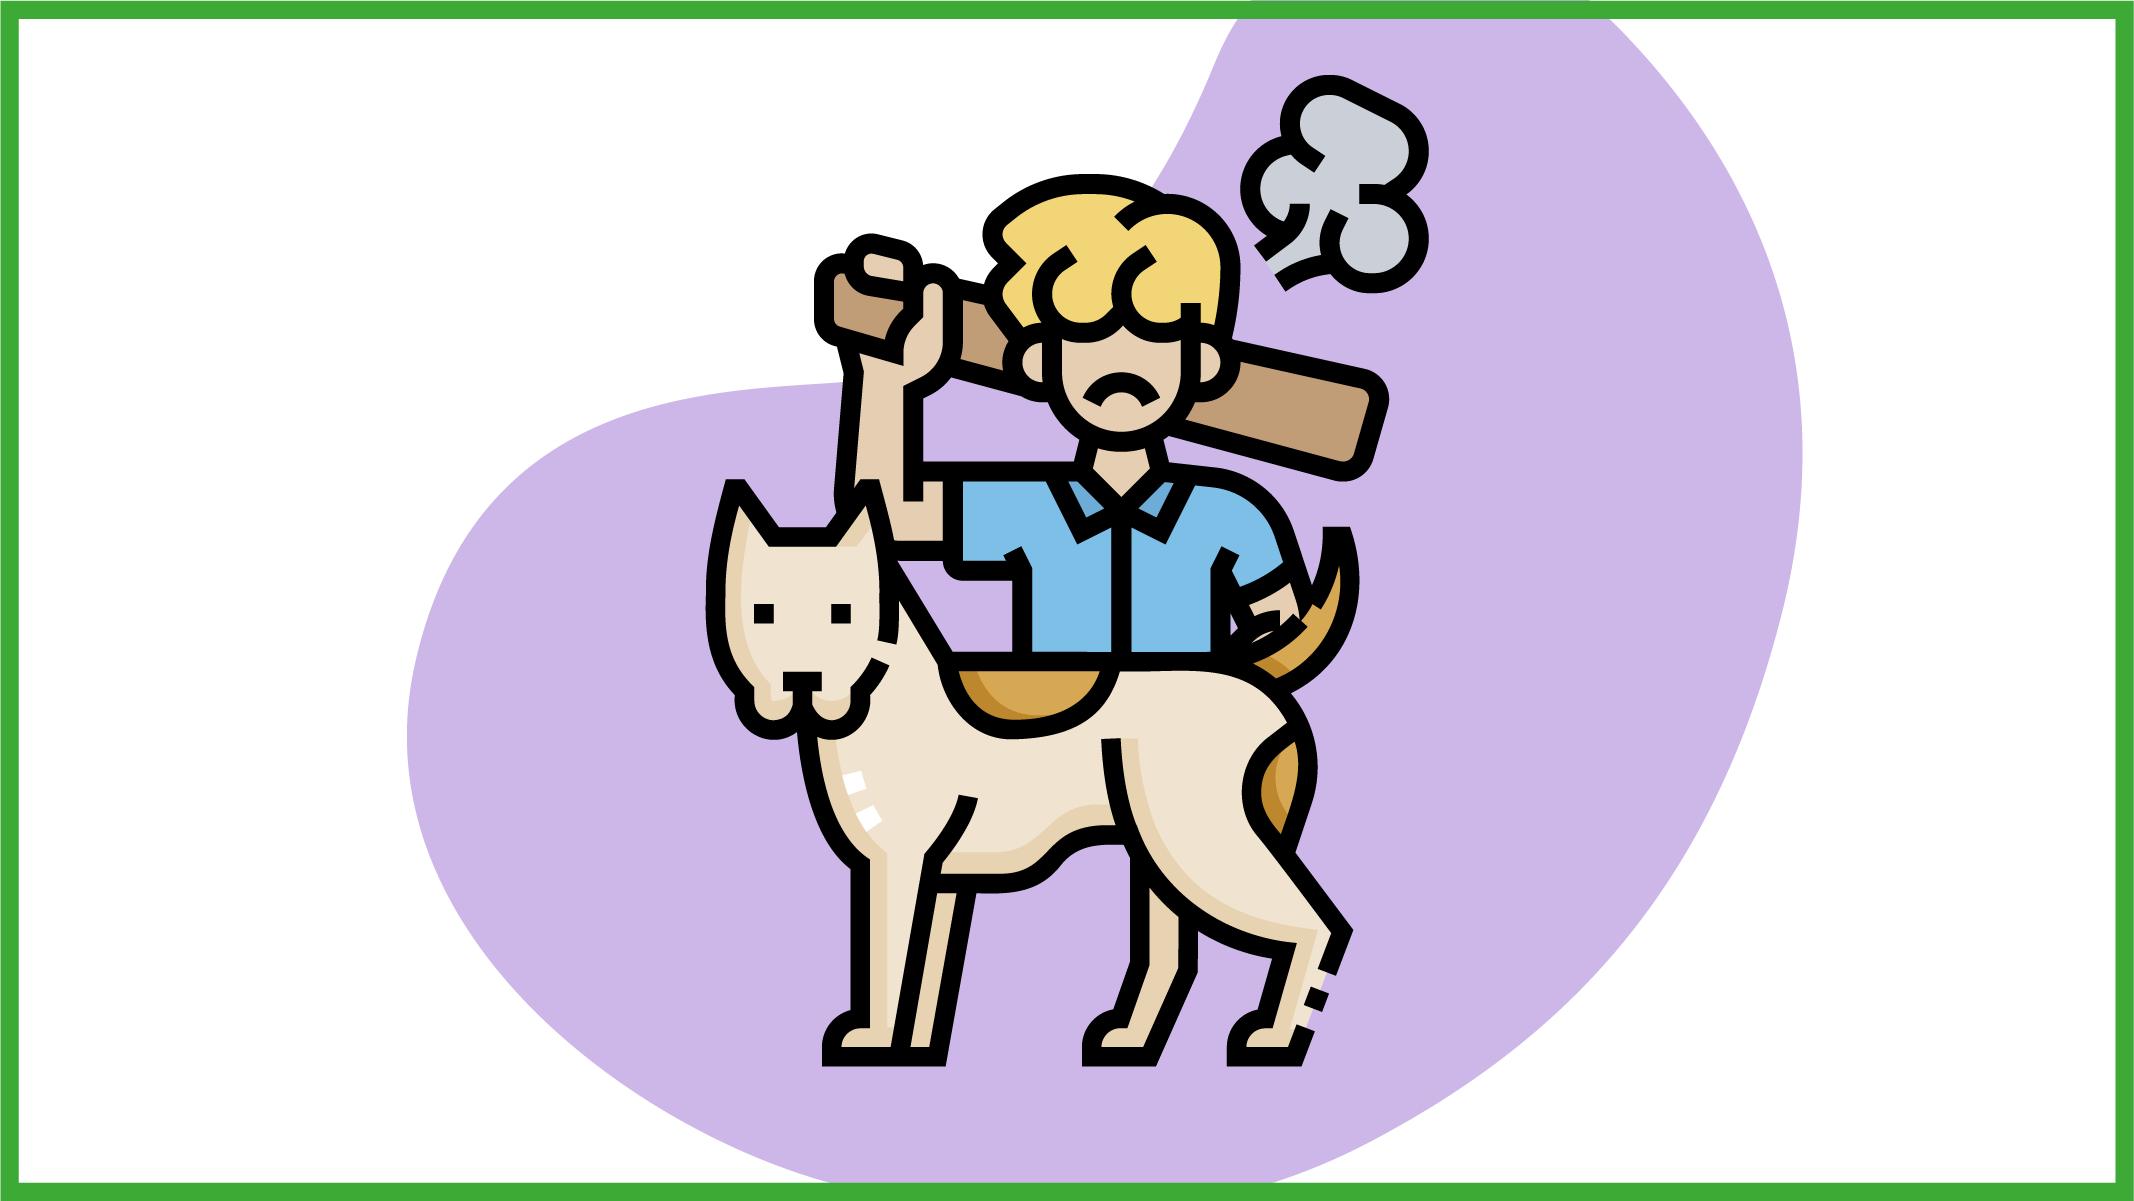 Immagine di un uomo con un bastone in mano e di un cane